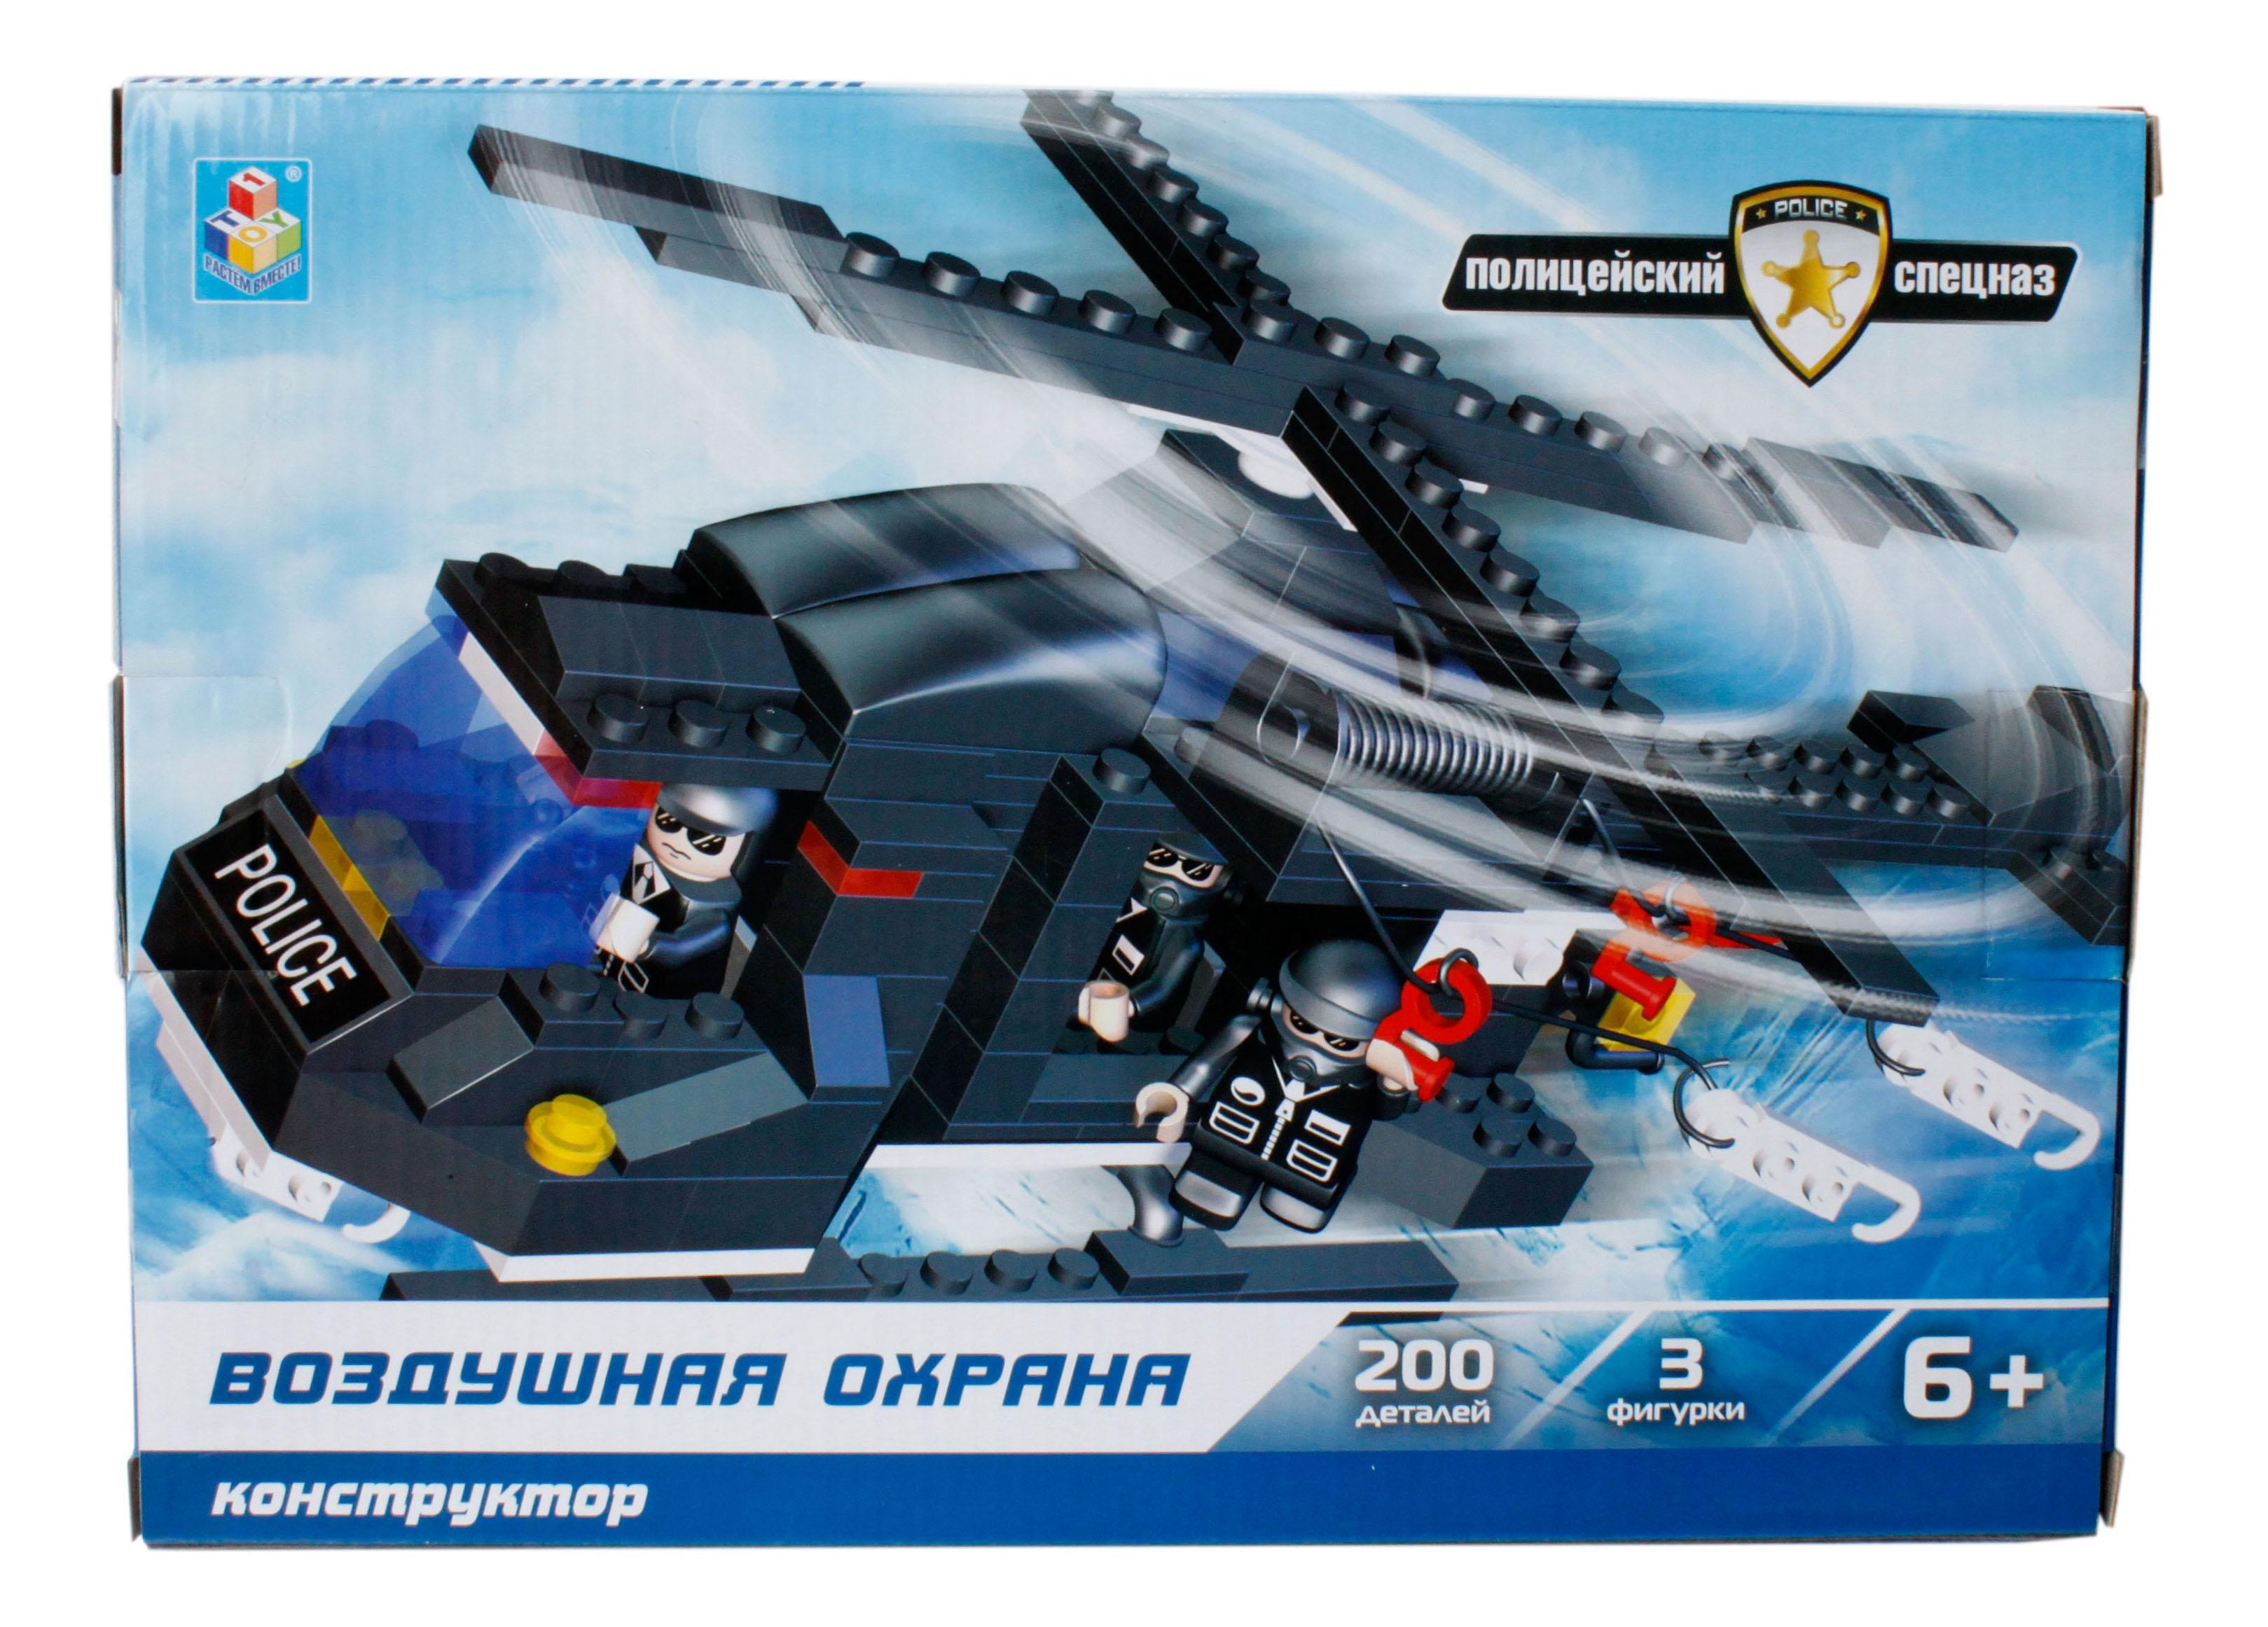 Конструктор, полицейский спецназ, воздушная охрана, 200дет.